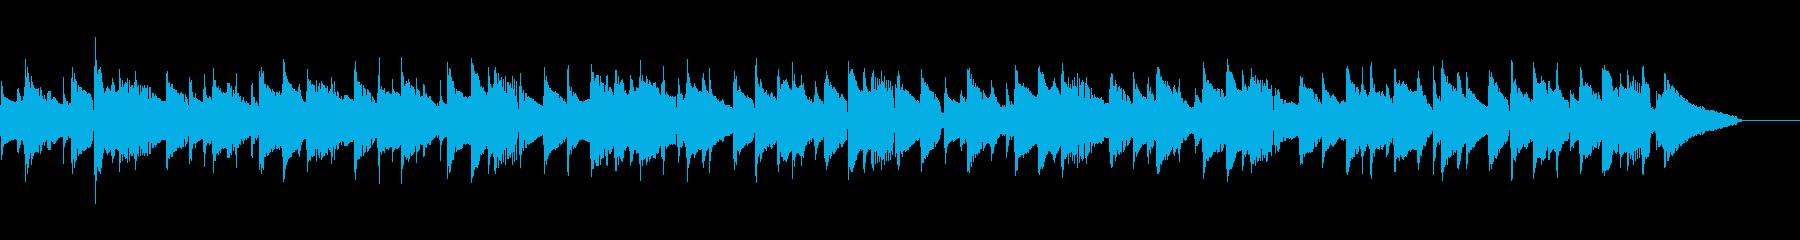 うさぎとかめ (優しいアコギ)の再生済みの波形